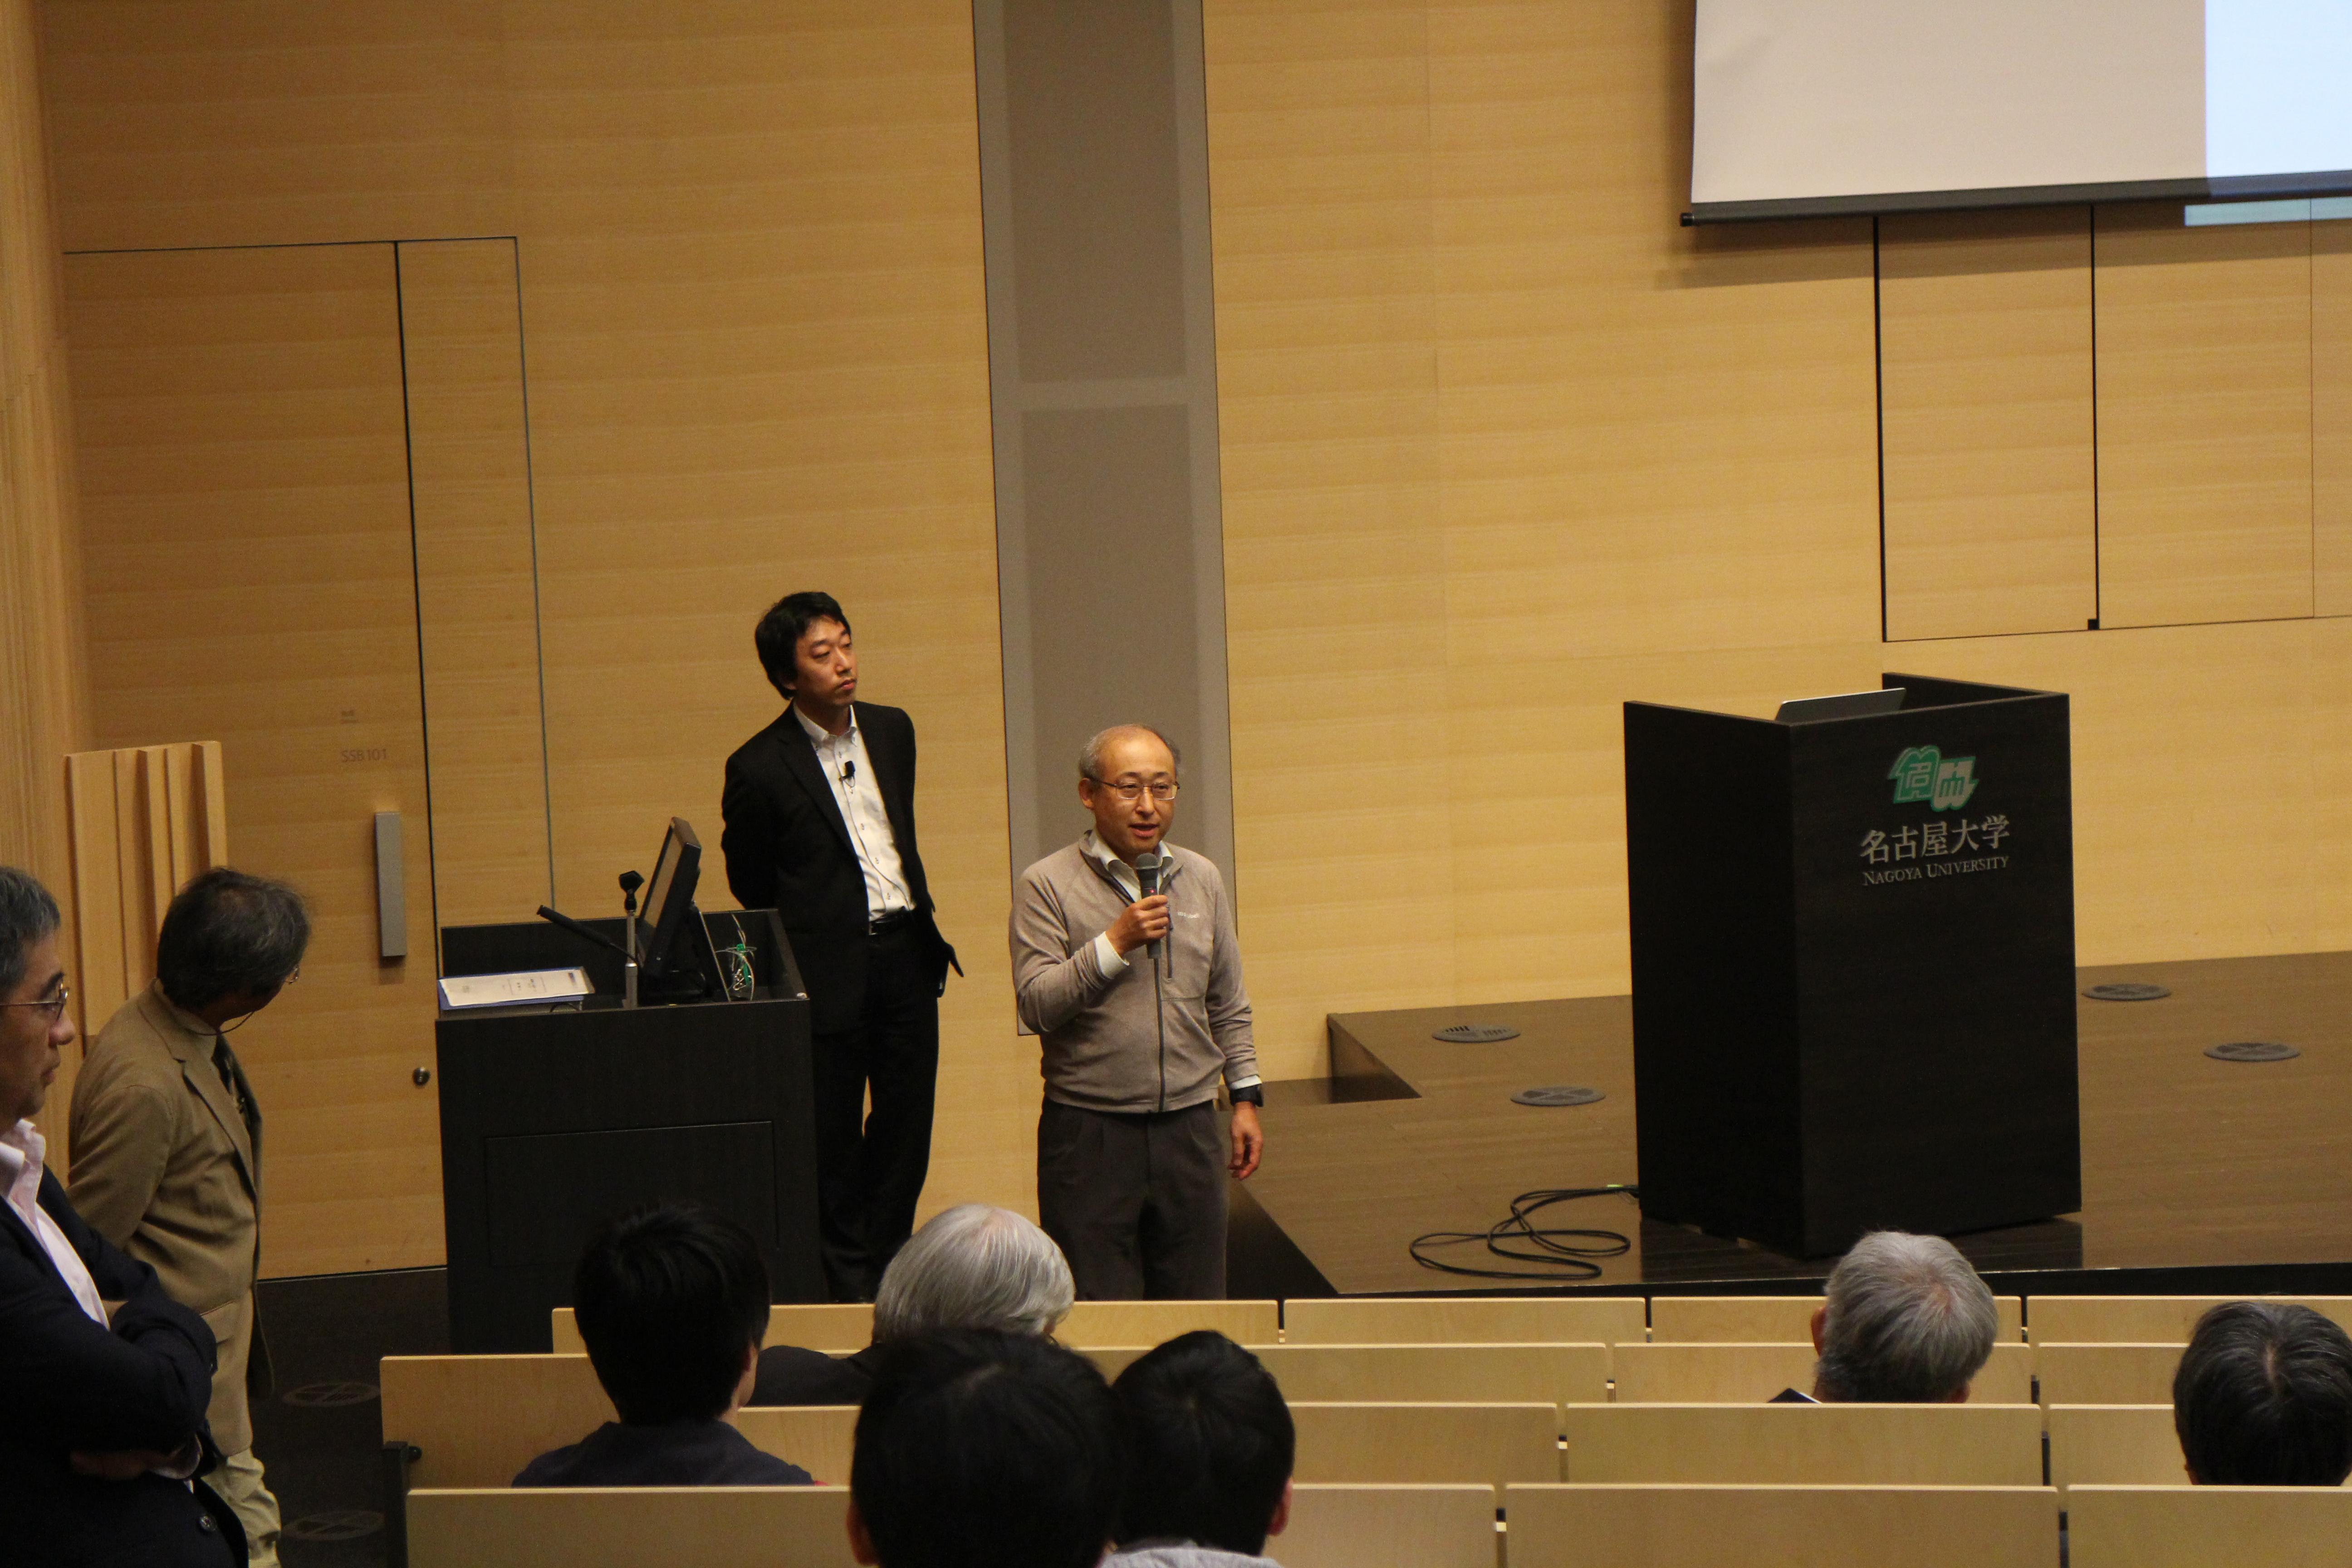 http://www.kmi.nagoya-u.ac.jp/jpn/news/IMG_4558.JPG